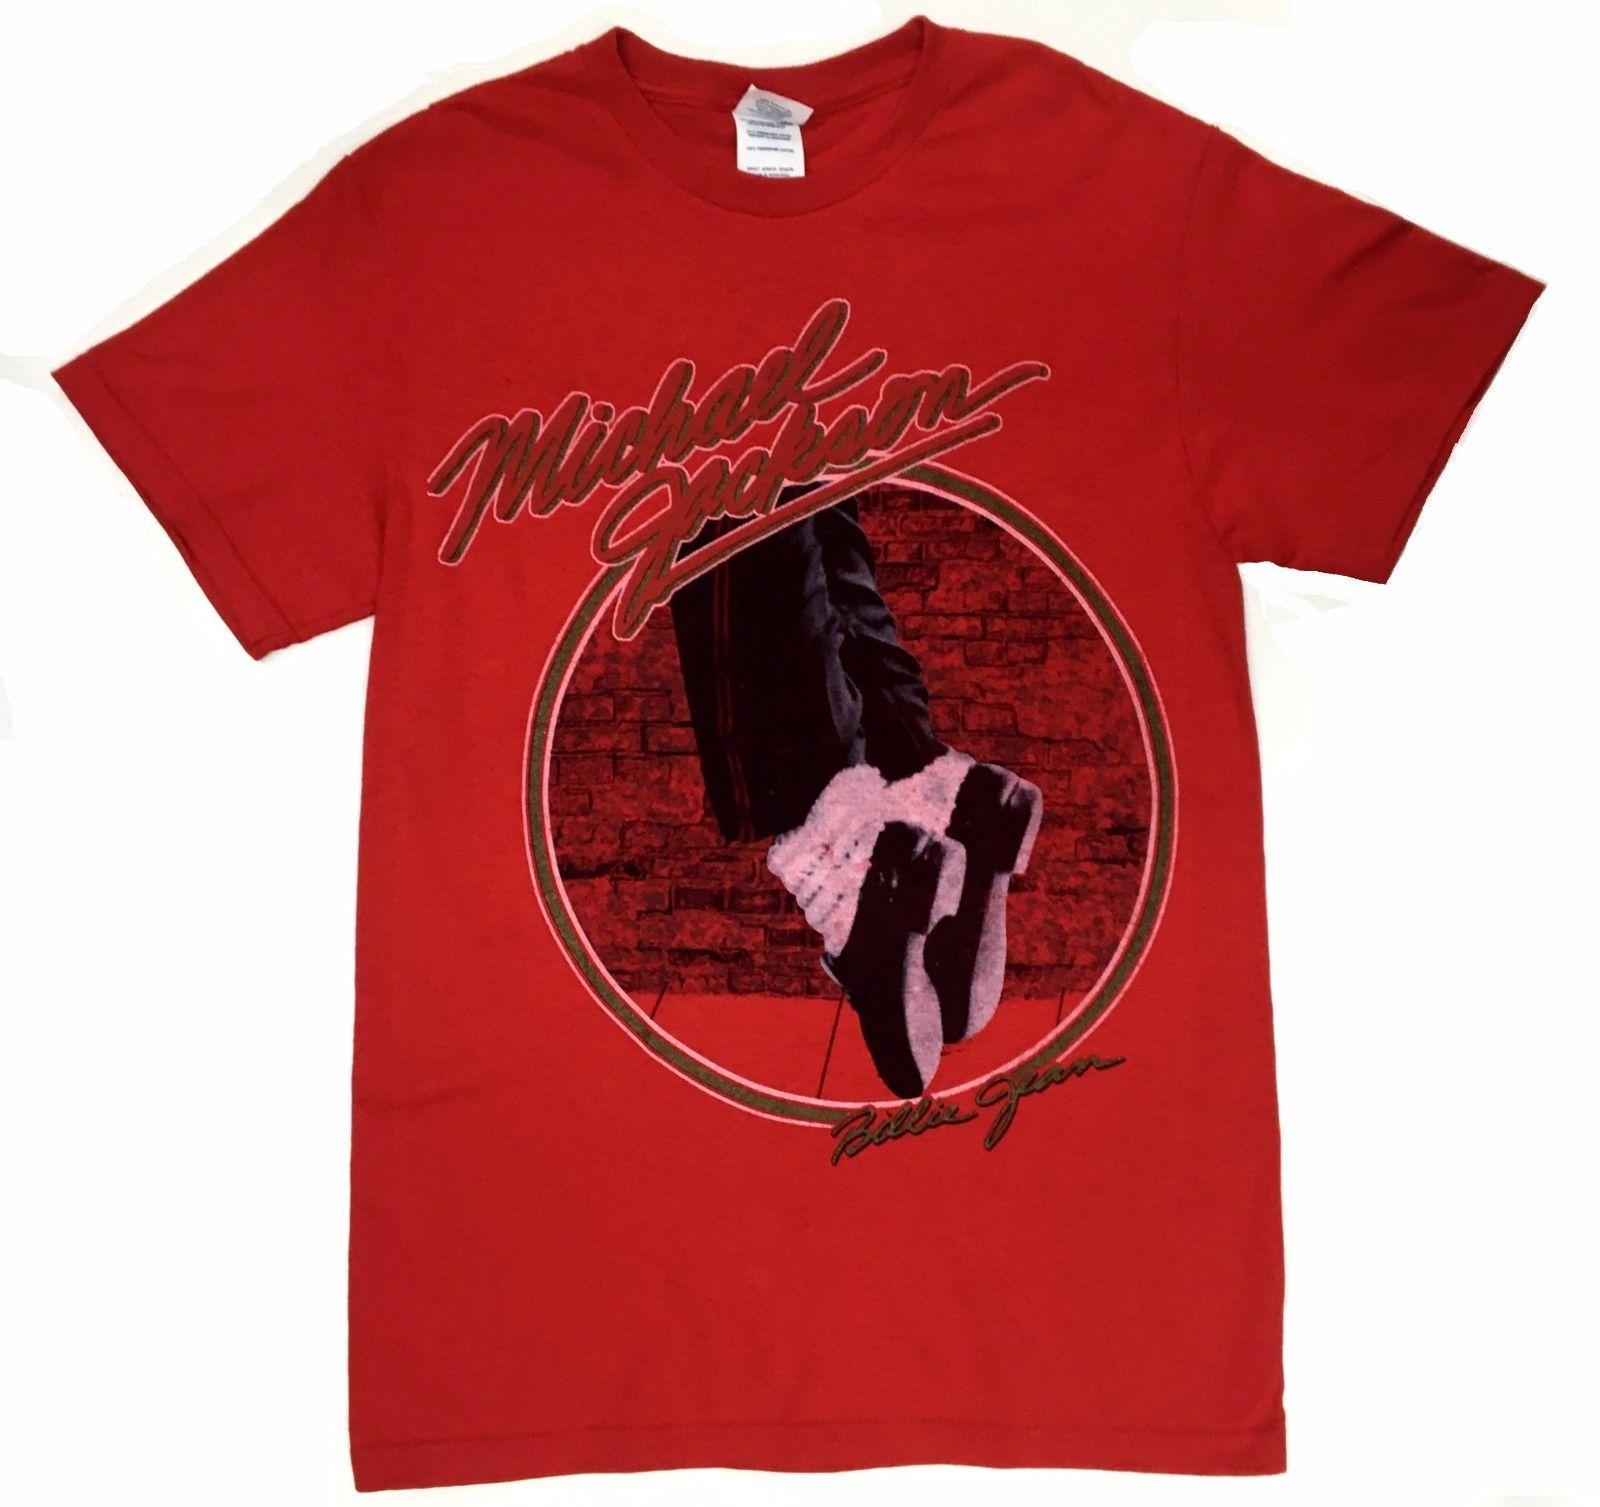 Michael Jackson BILLIE JEAN T-Shirt 100% Authentic & Official